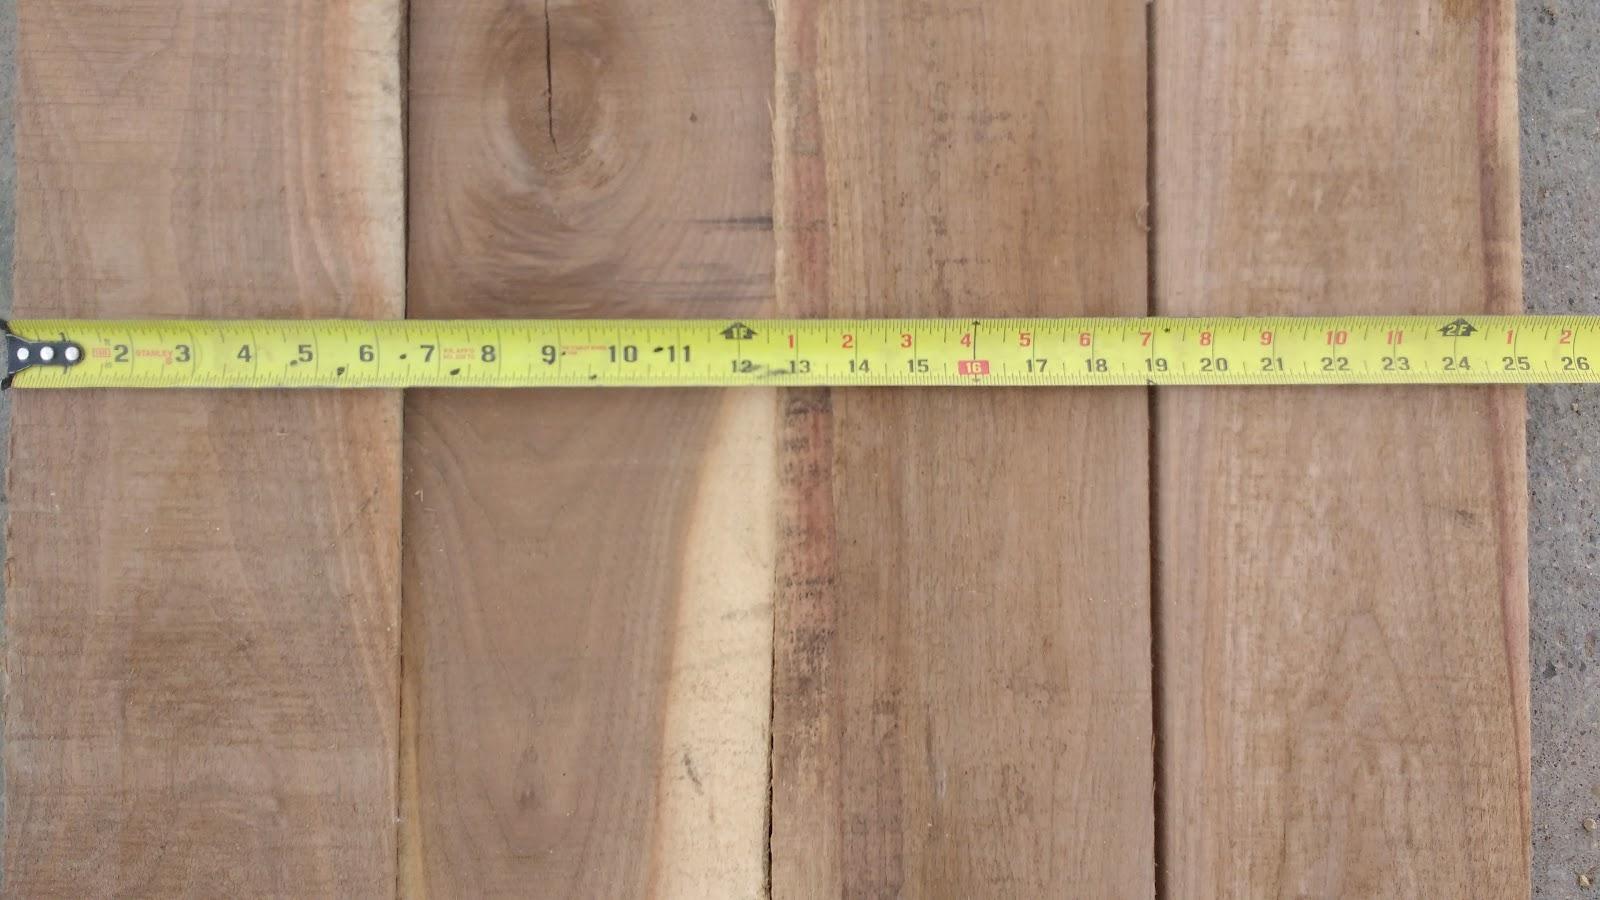 3x8 log siding hand hewn pine - 3x8 Oak